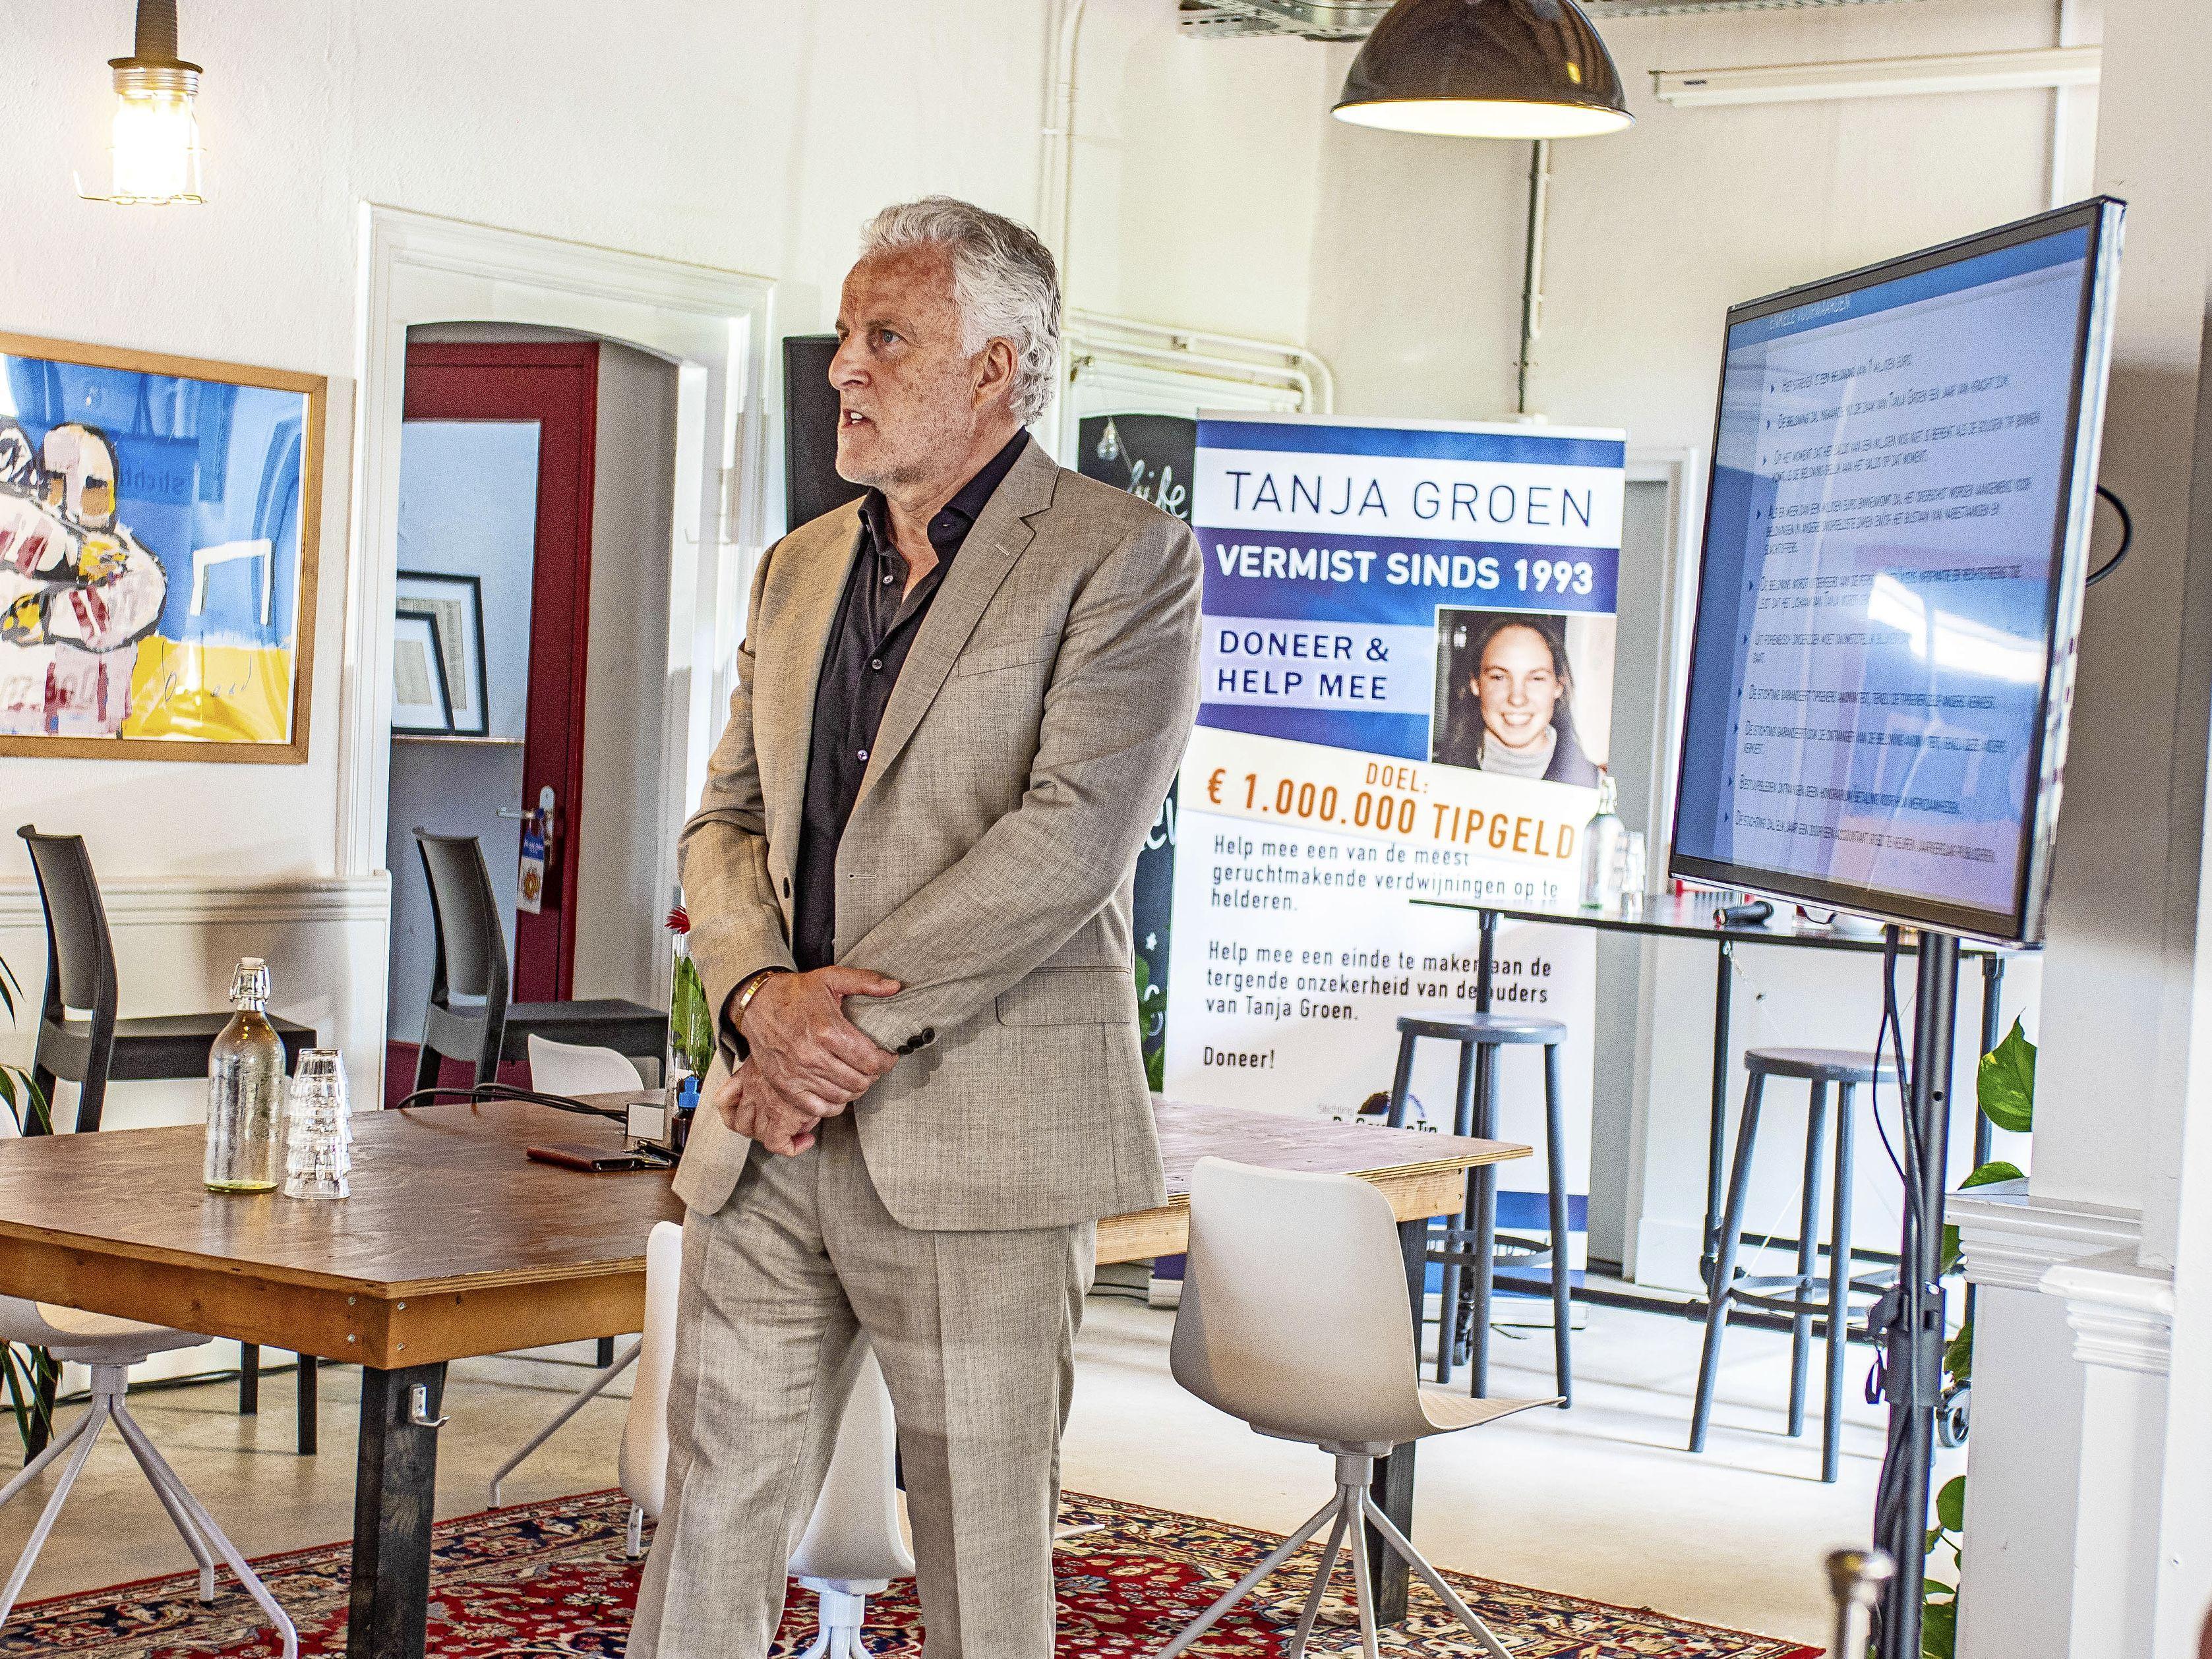 Mogelijk ook Peter R. de Vriesstraat in Schagen. Burgemeester Van Kampen gaat college voorstel doen: 'Ook Schagen heeft een sterke band met Peter vanwege zijn betrokkenheid bij de zaak Tanja Groen'